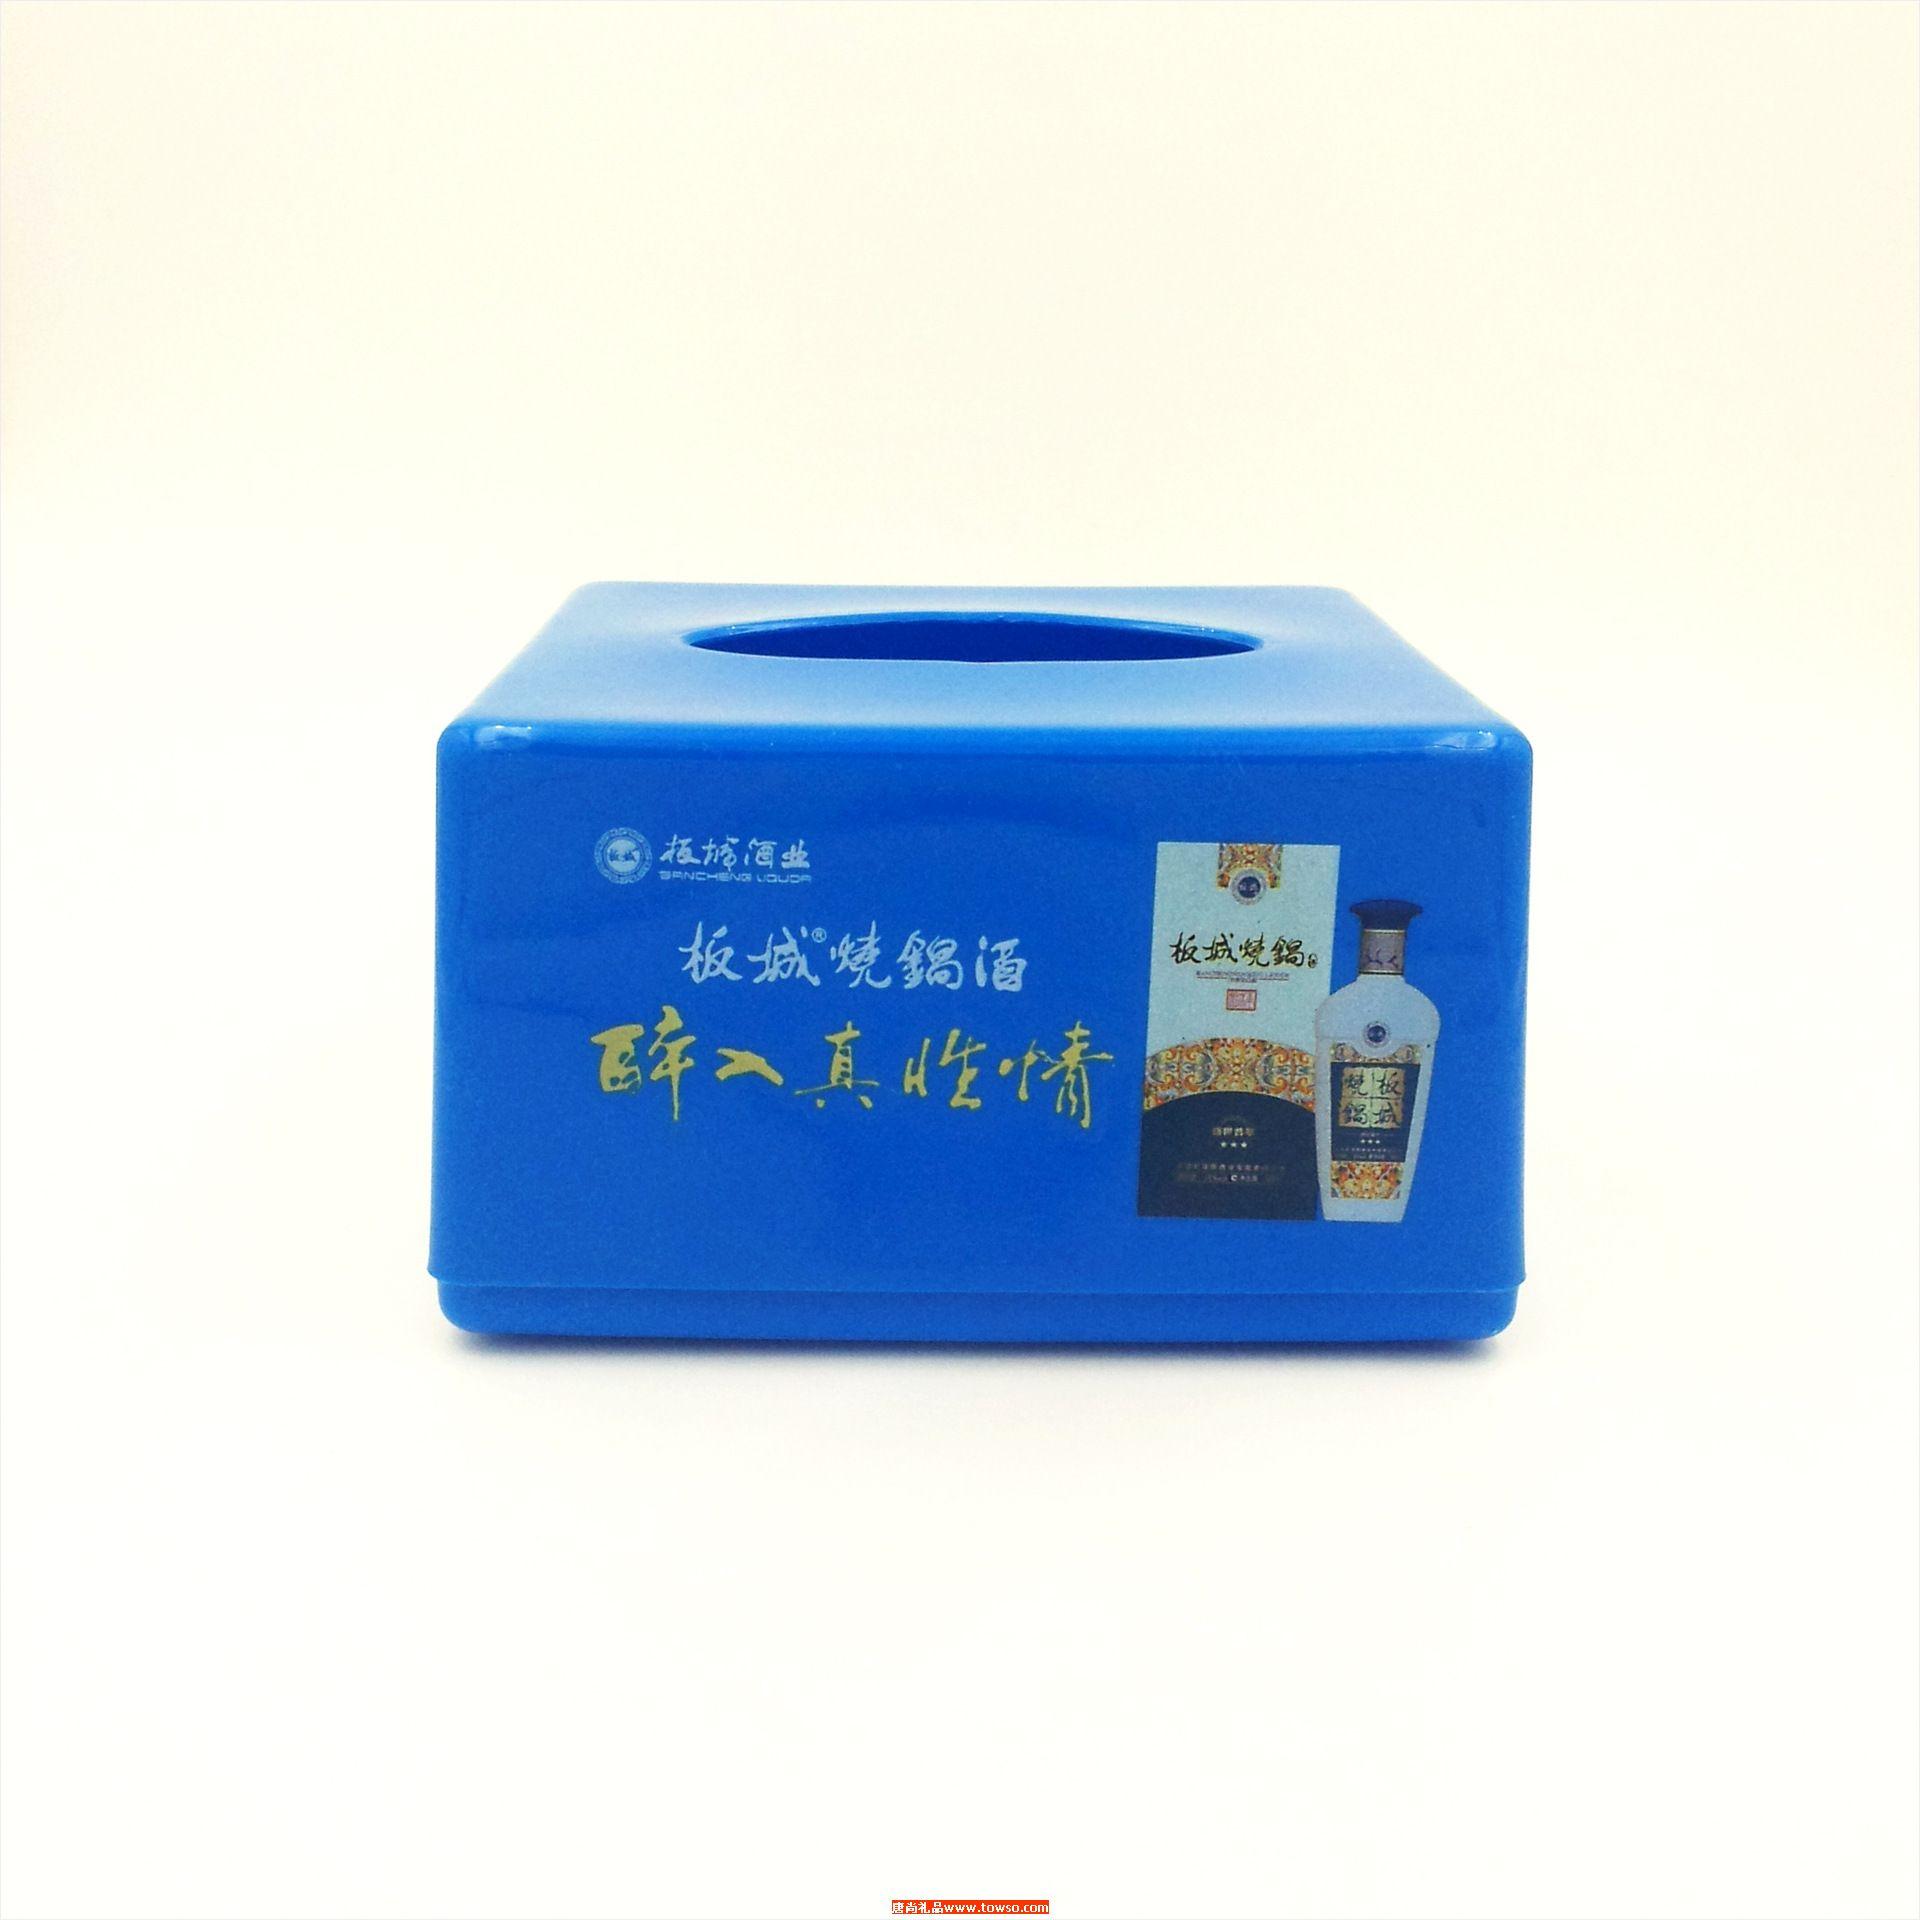 纸巾盒批发纸巾筒 塑料抽纸盒/长方形抽纸盒定做